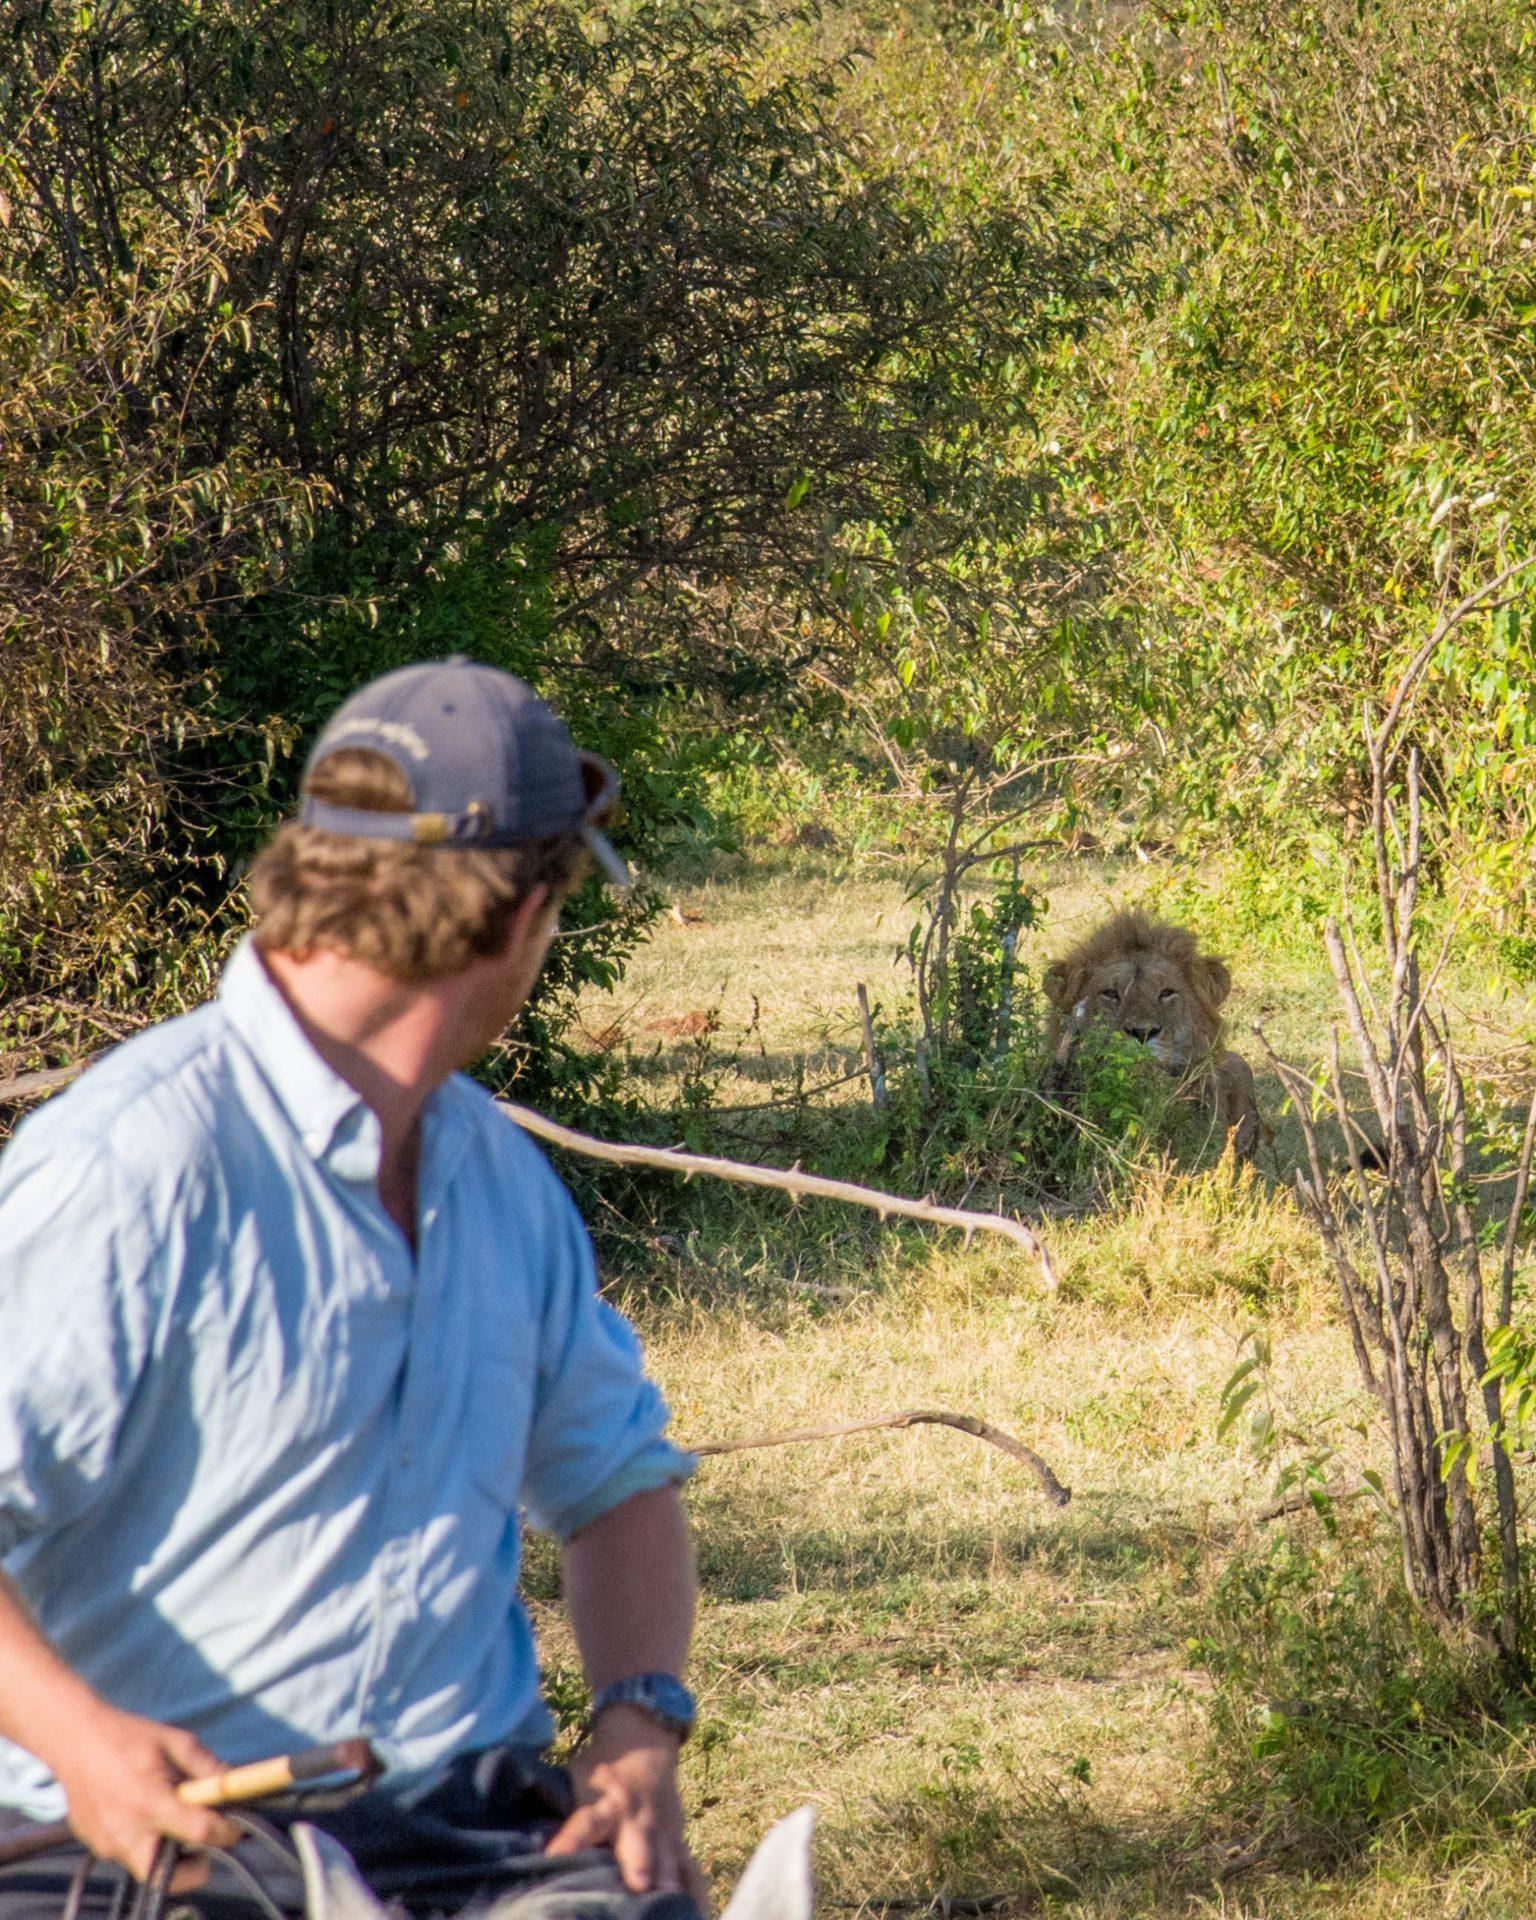 Horseback safari Kenya Masai Mara